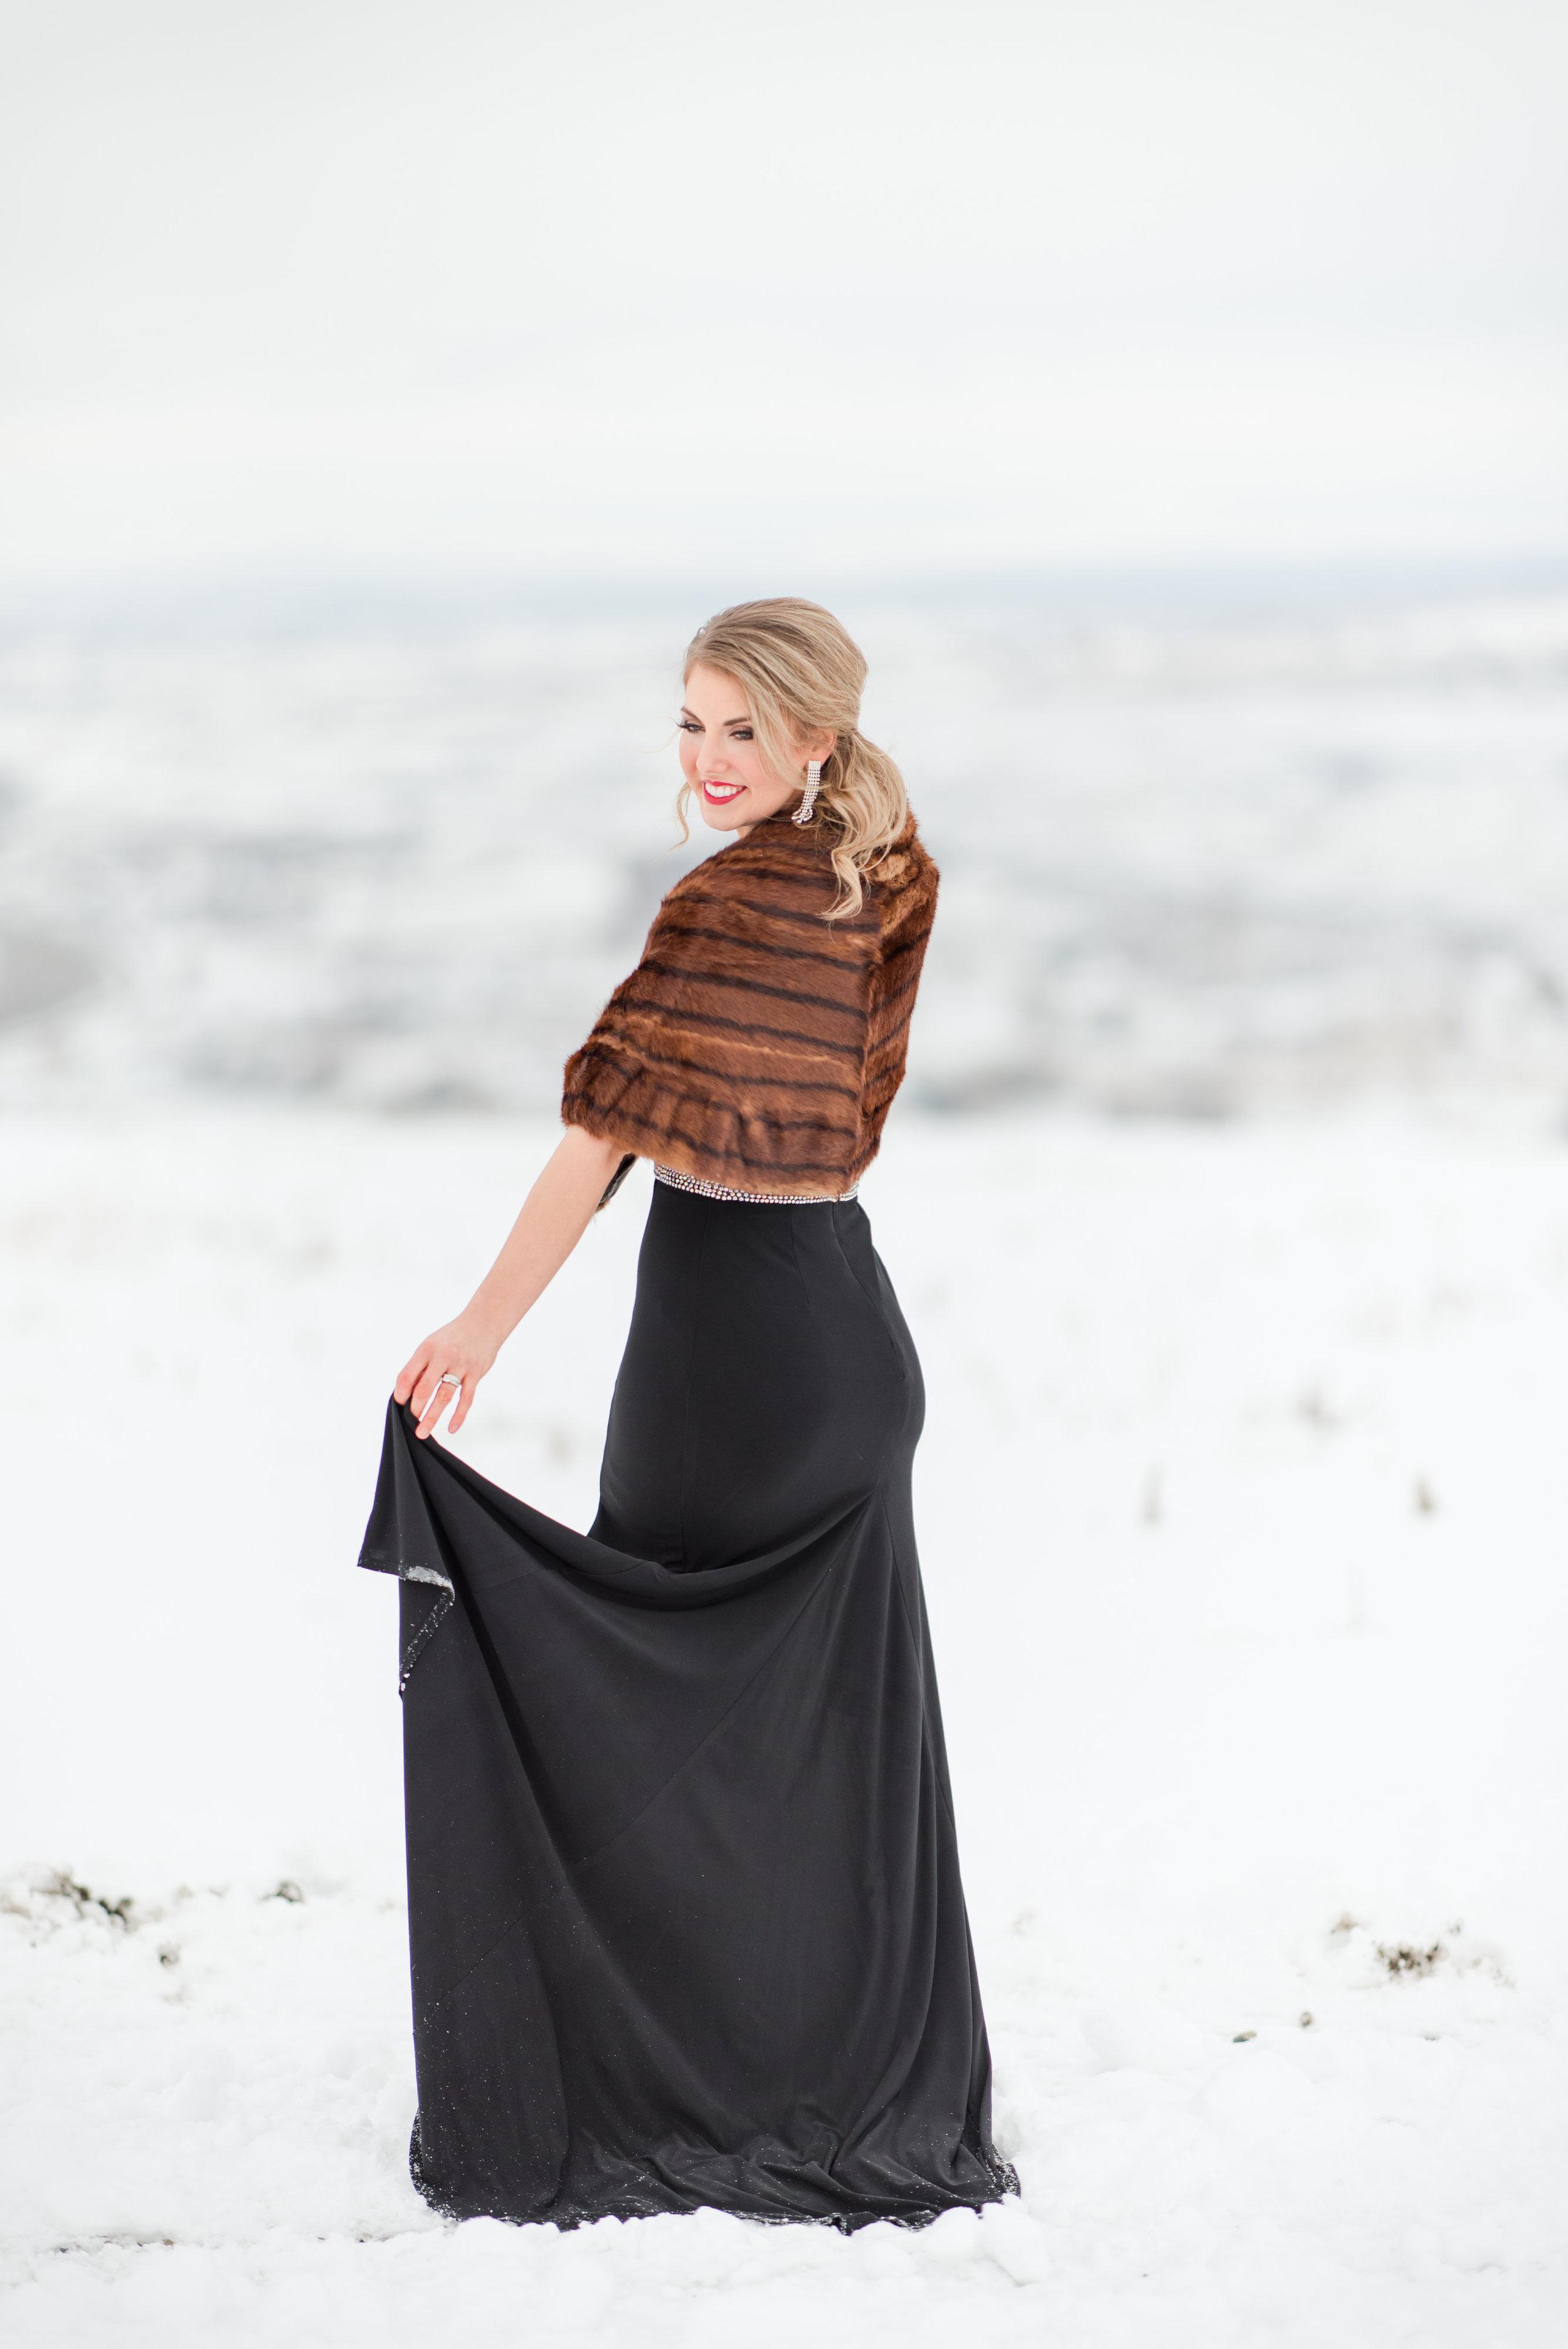 Deidra Winter Shoot Edited-0050.jpg